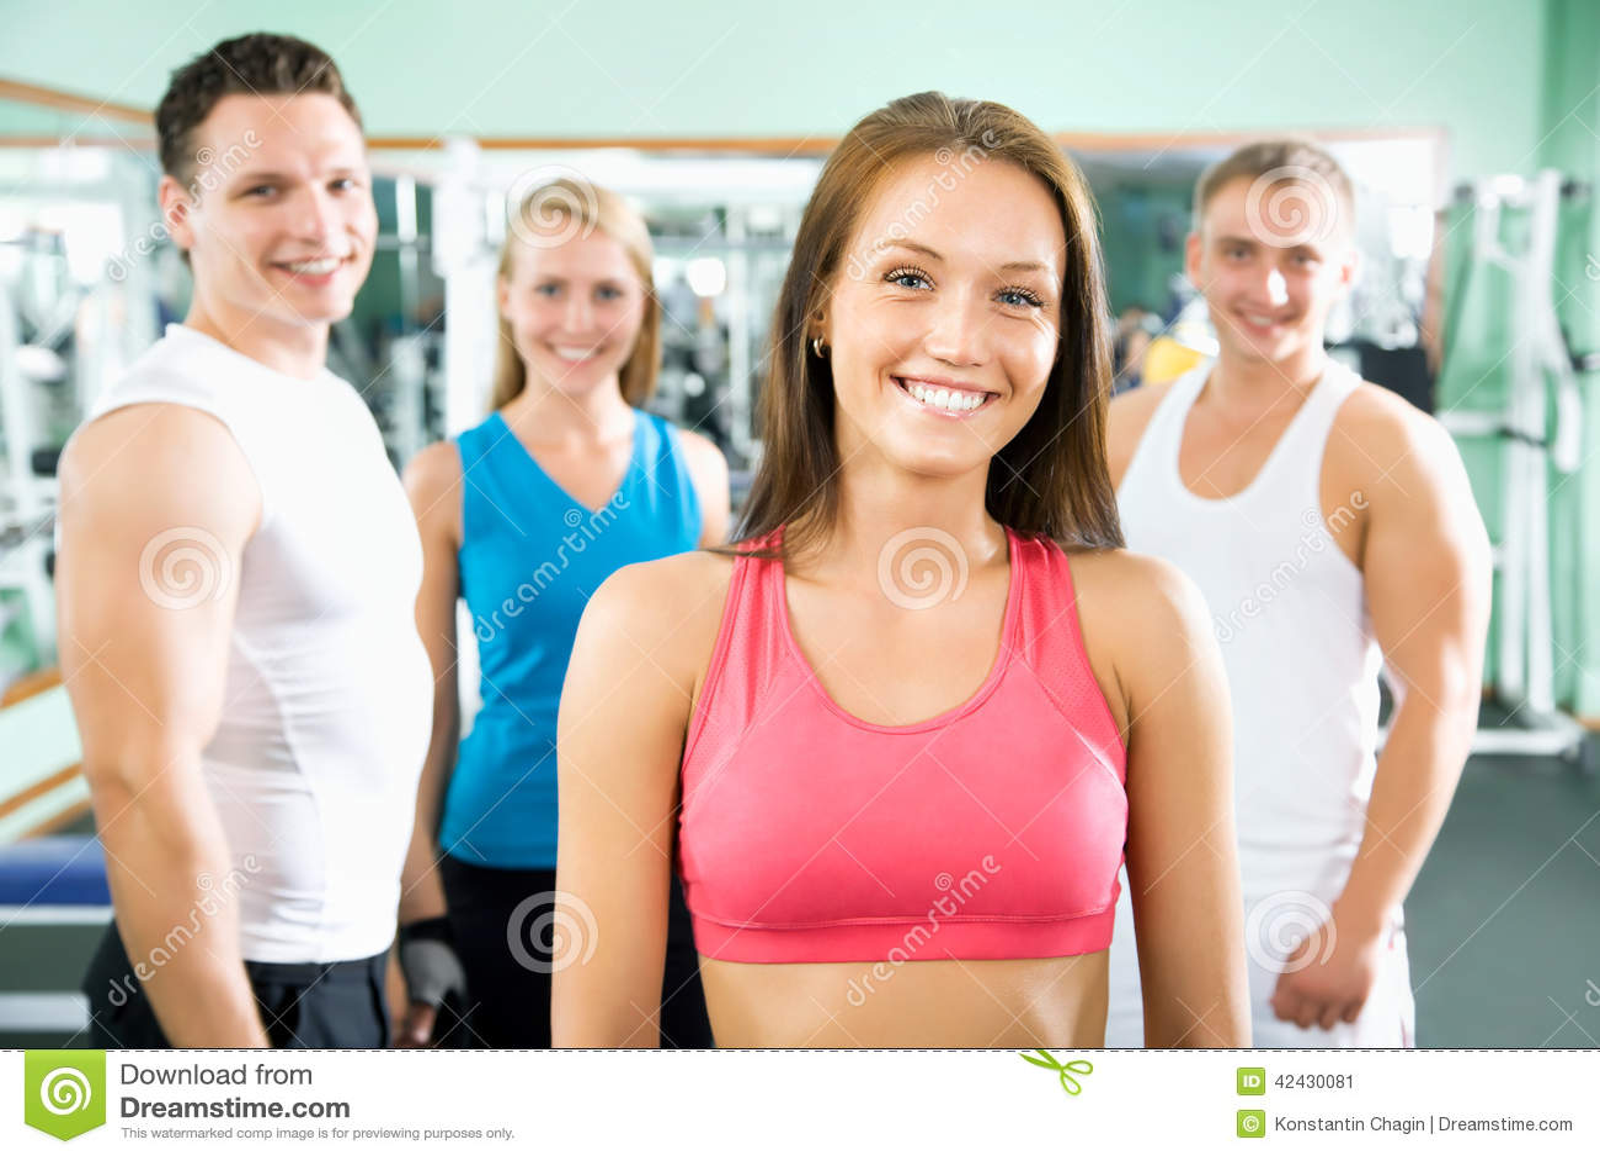 Γυναίκα που χαμογελά μπροστά από μια ομάδα ανθρώπων γυμναστικής